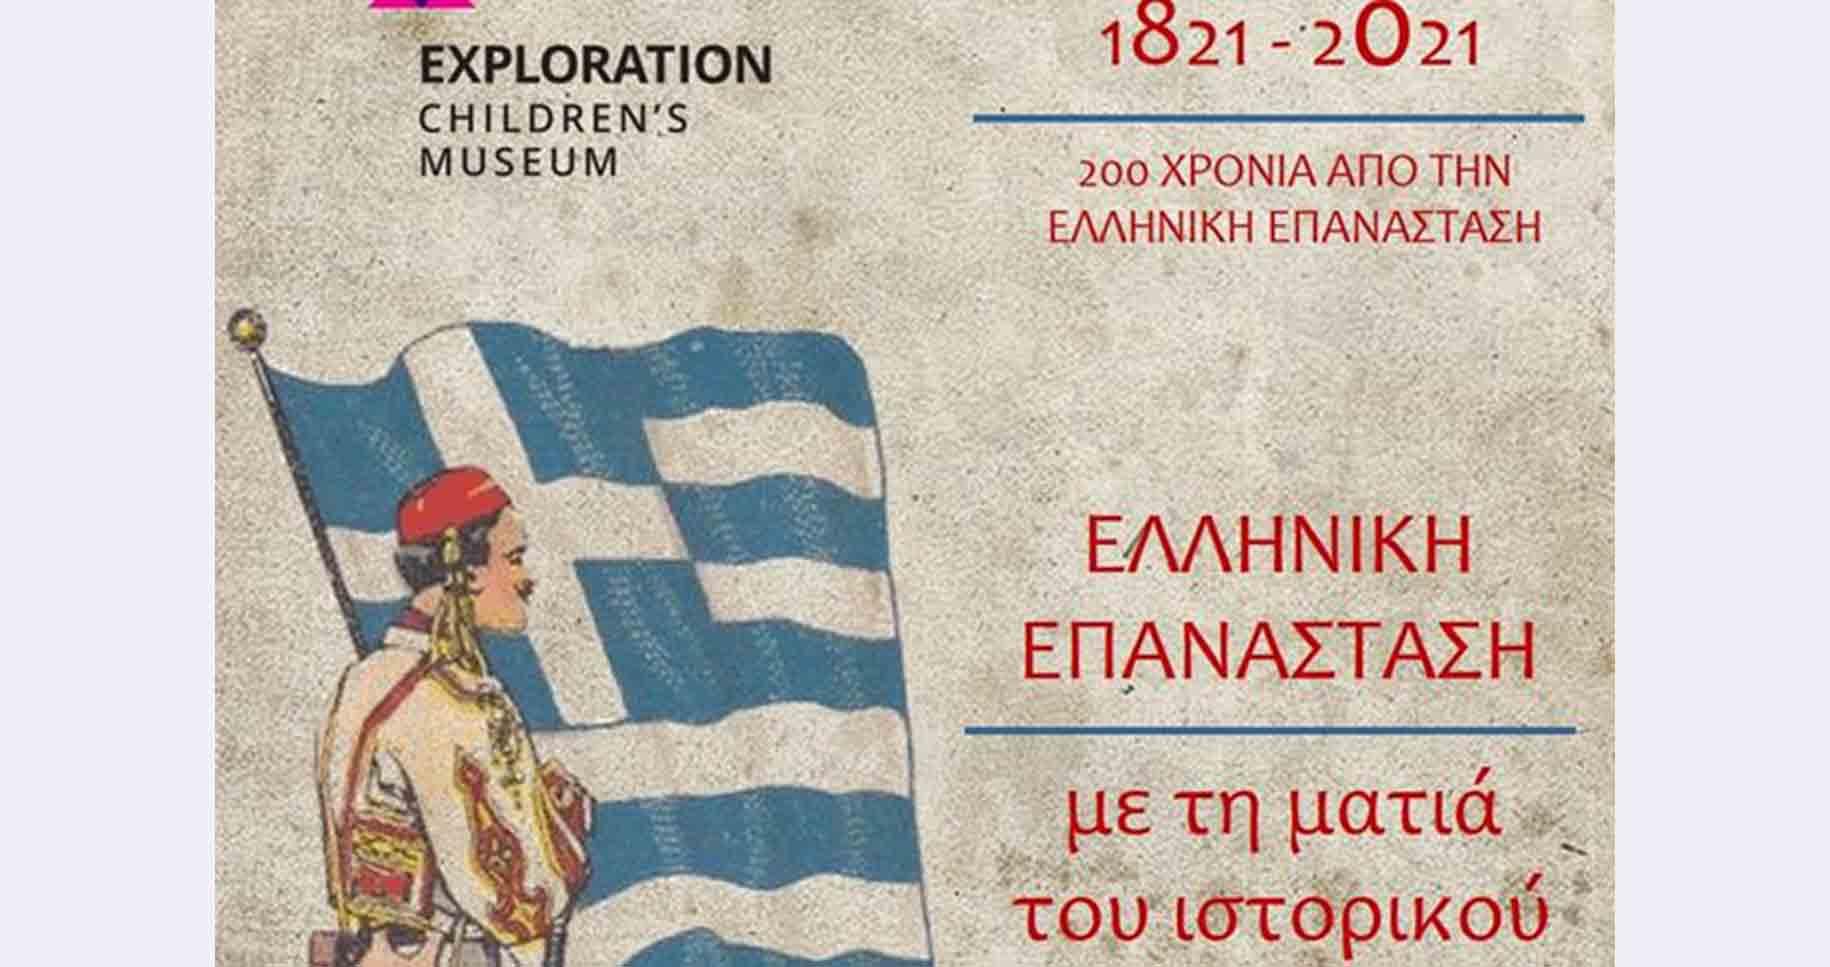 Ελληνική Επανάσταση: Με τη ματιά του ιστορικού Το νέο σχολικό εκπαιδευτικό πρόγραμμα του Παιδικού Μουσείου Exploration -Thisisus.gr